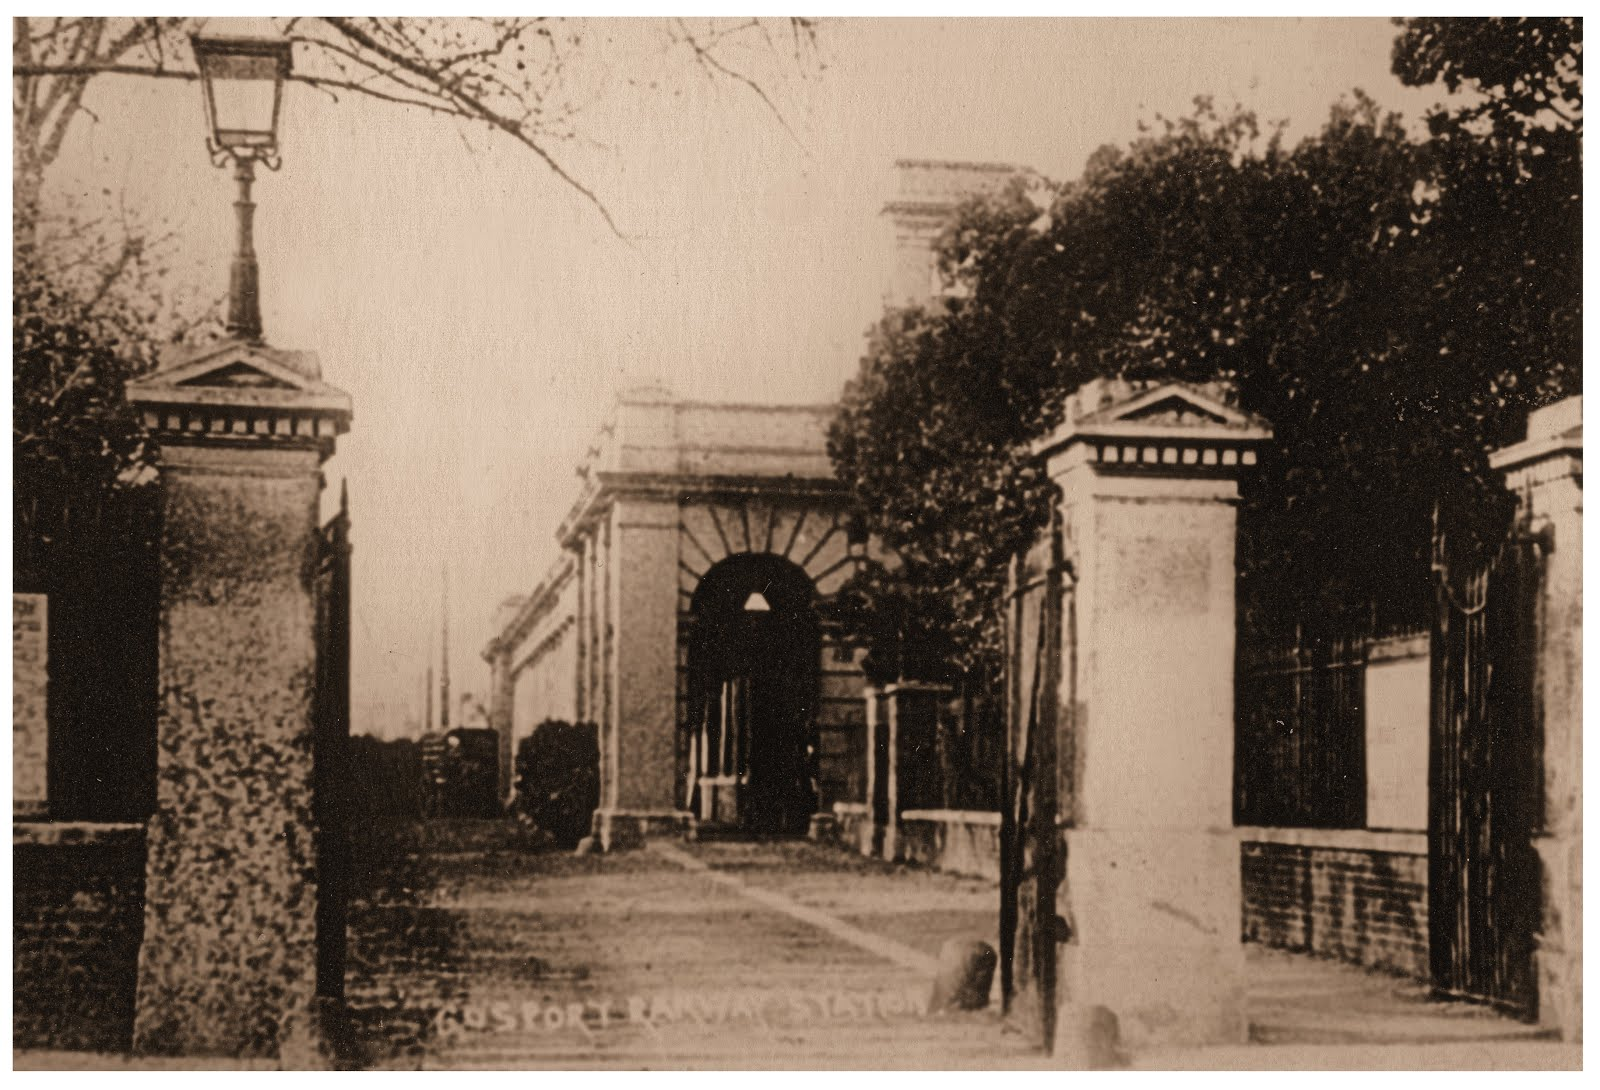 Gosport Station 1930s